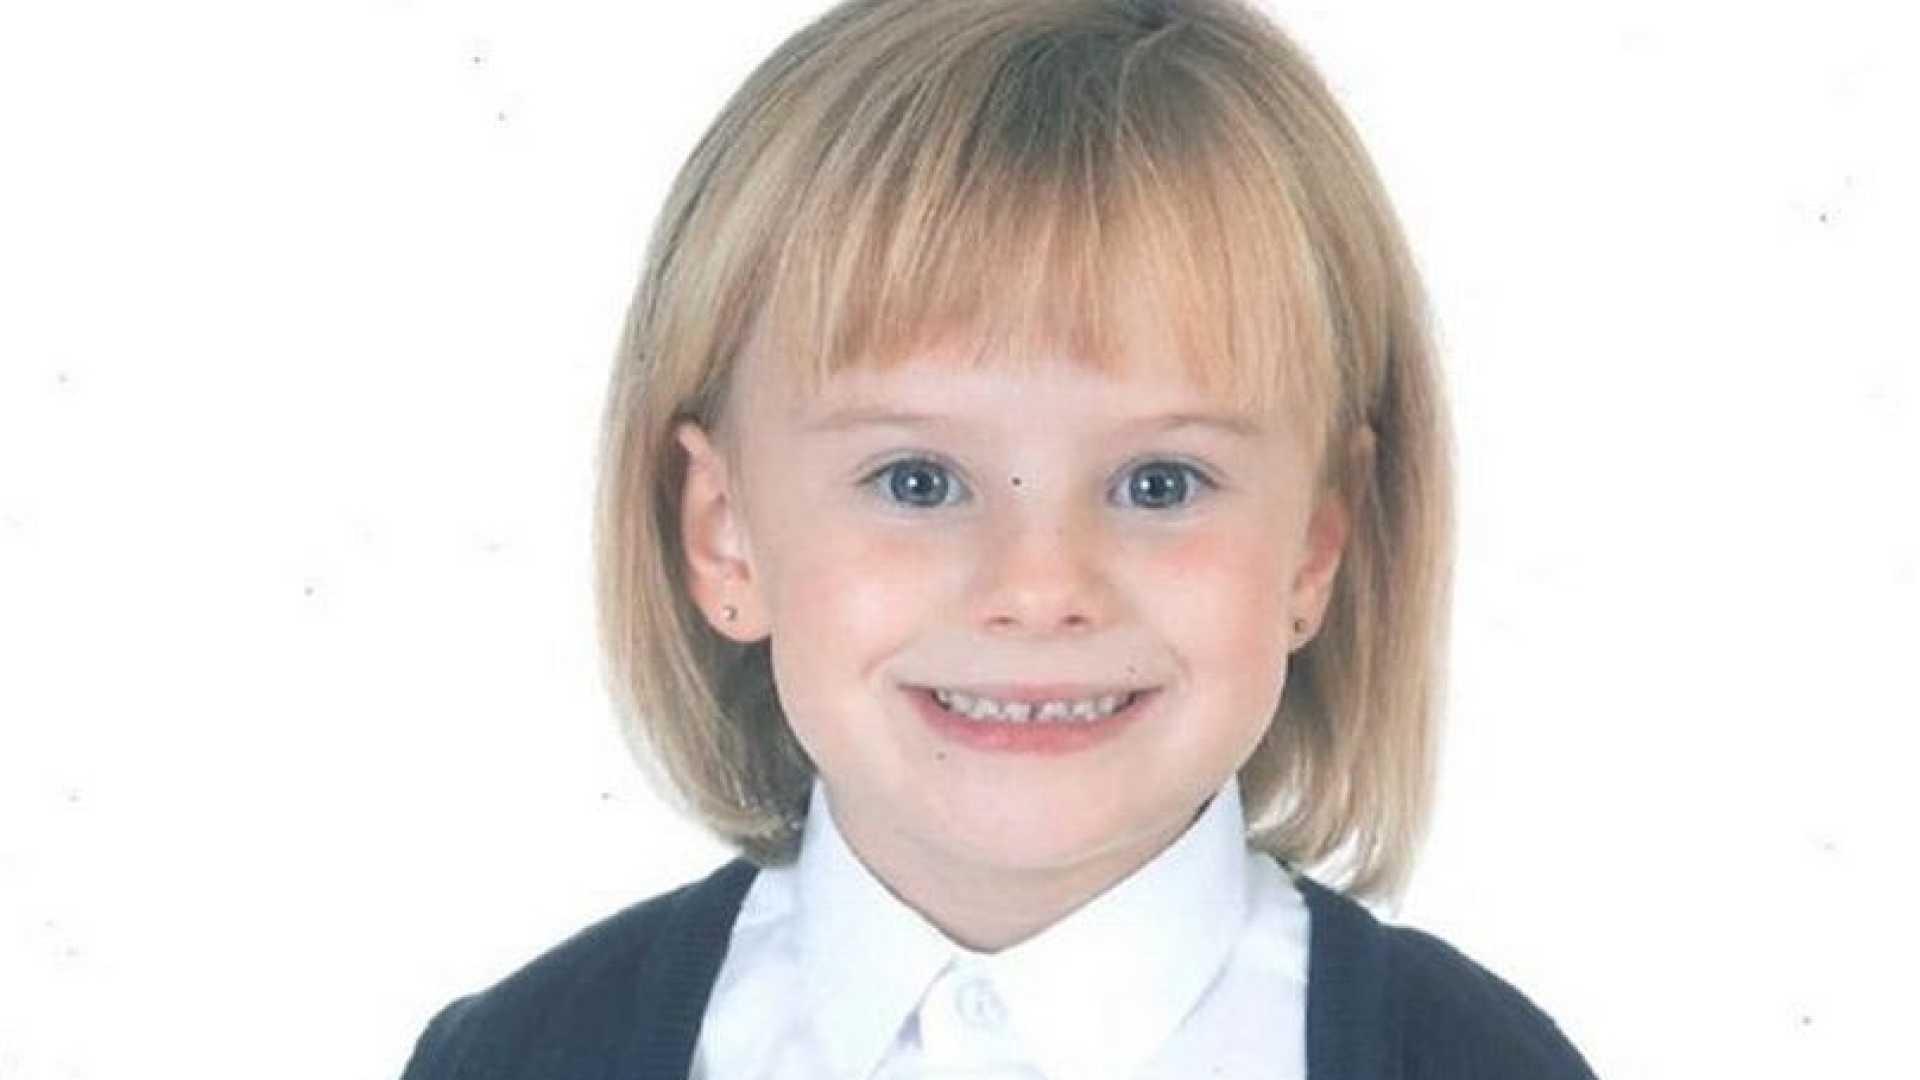 naom 5b52e1655b273 - TRAGÉDIA: Criança de 6 anos morre enforcada após brincadeira com cordas